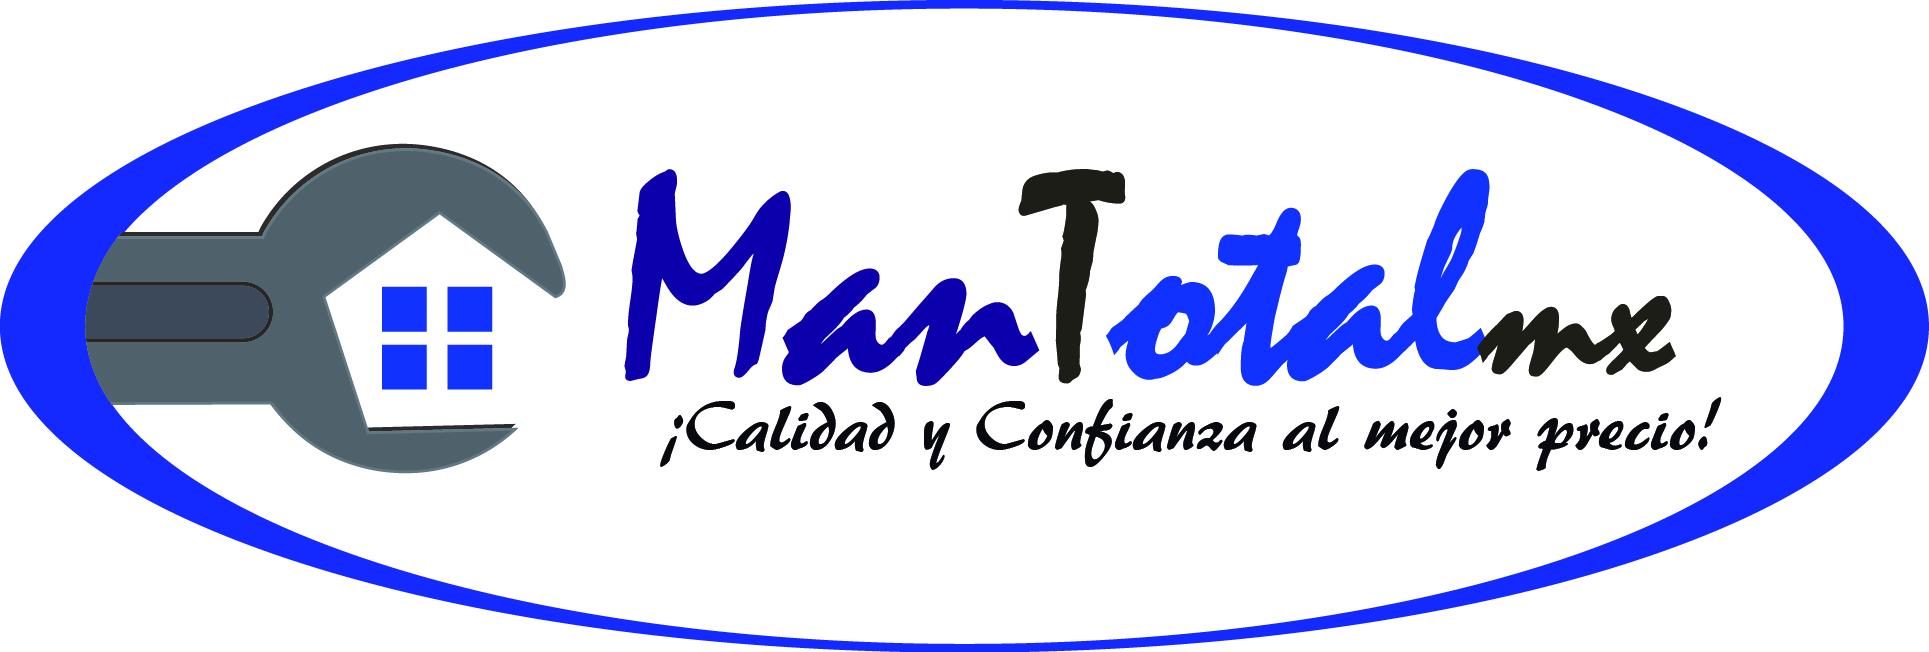 Mantotalmx